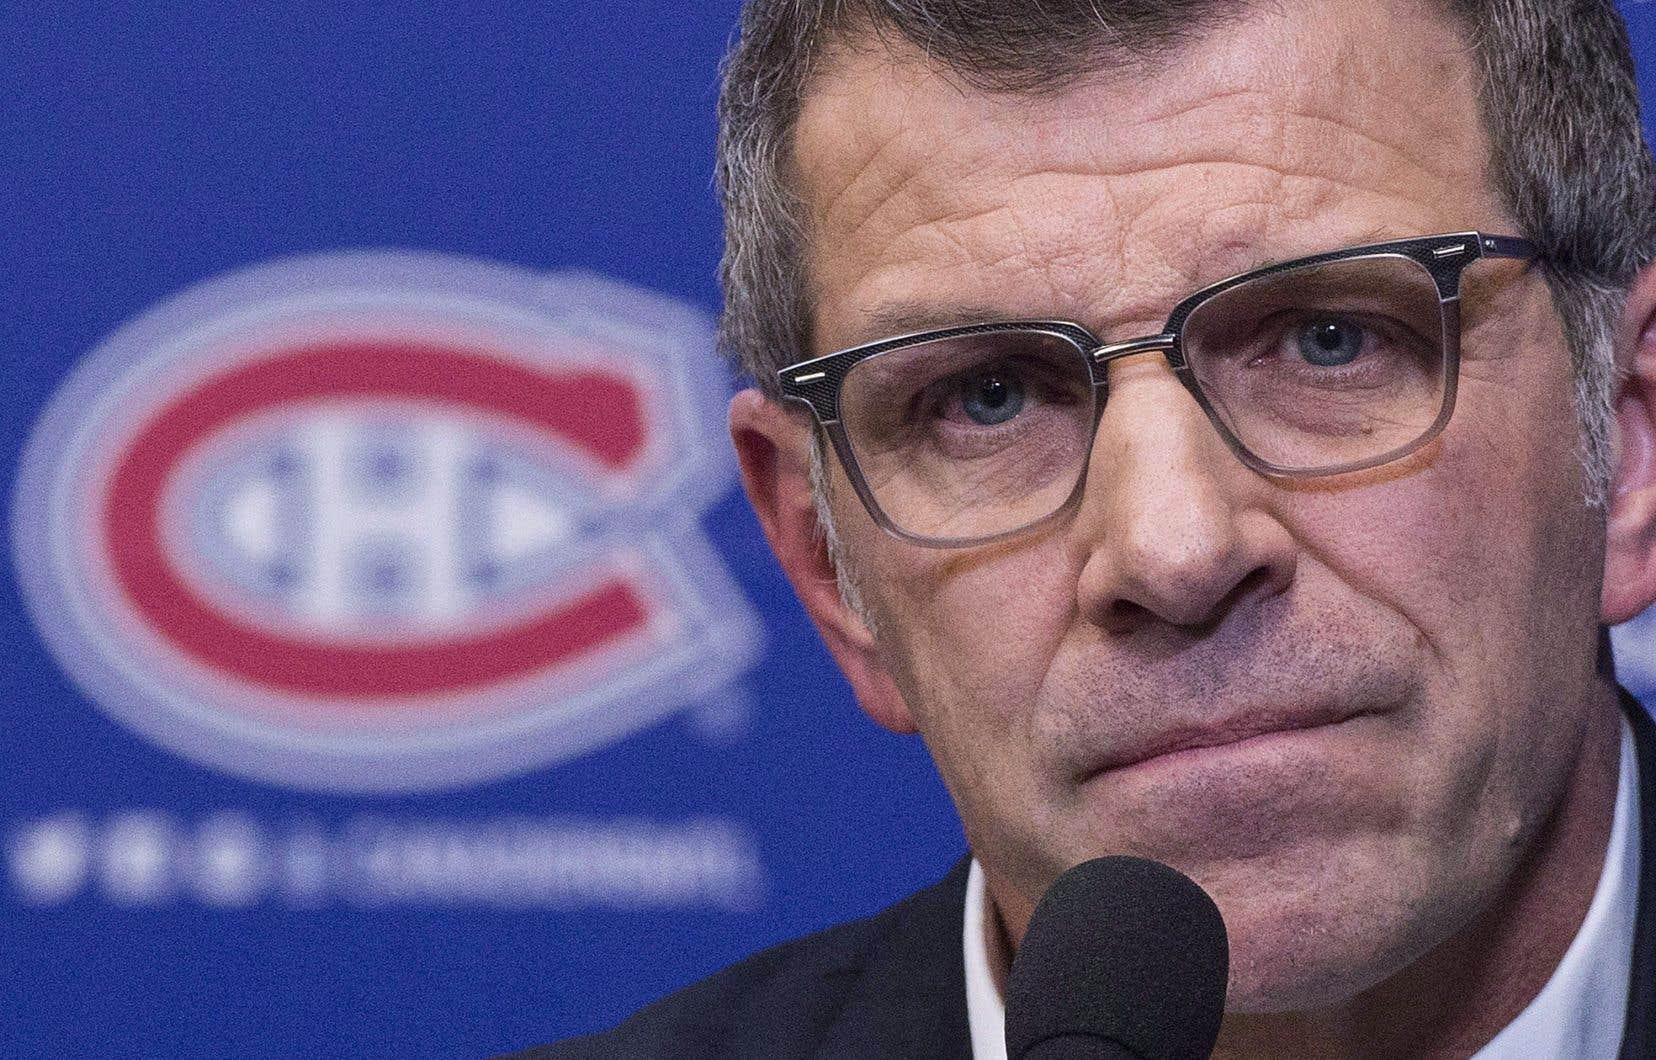 Marc Bergevina déclaré qu'il avait confiance en l'avenir de l'équipe et que l'objectif général du Canadien était de se battre pour une place dans les séries éliminatoires la saison prochaine.